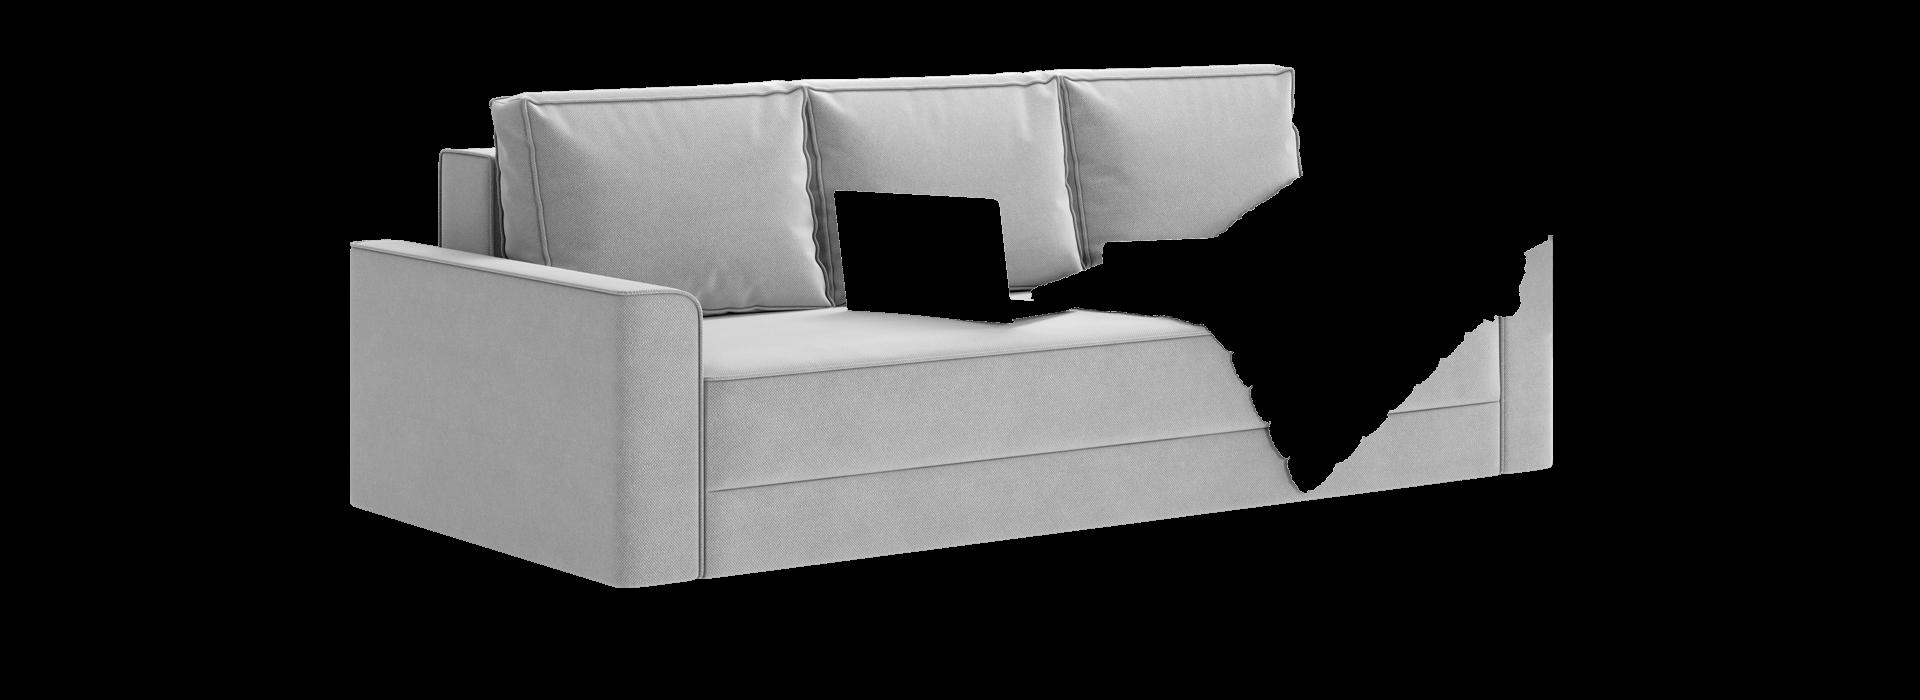 Нейтан Прямой диван - маска 2